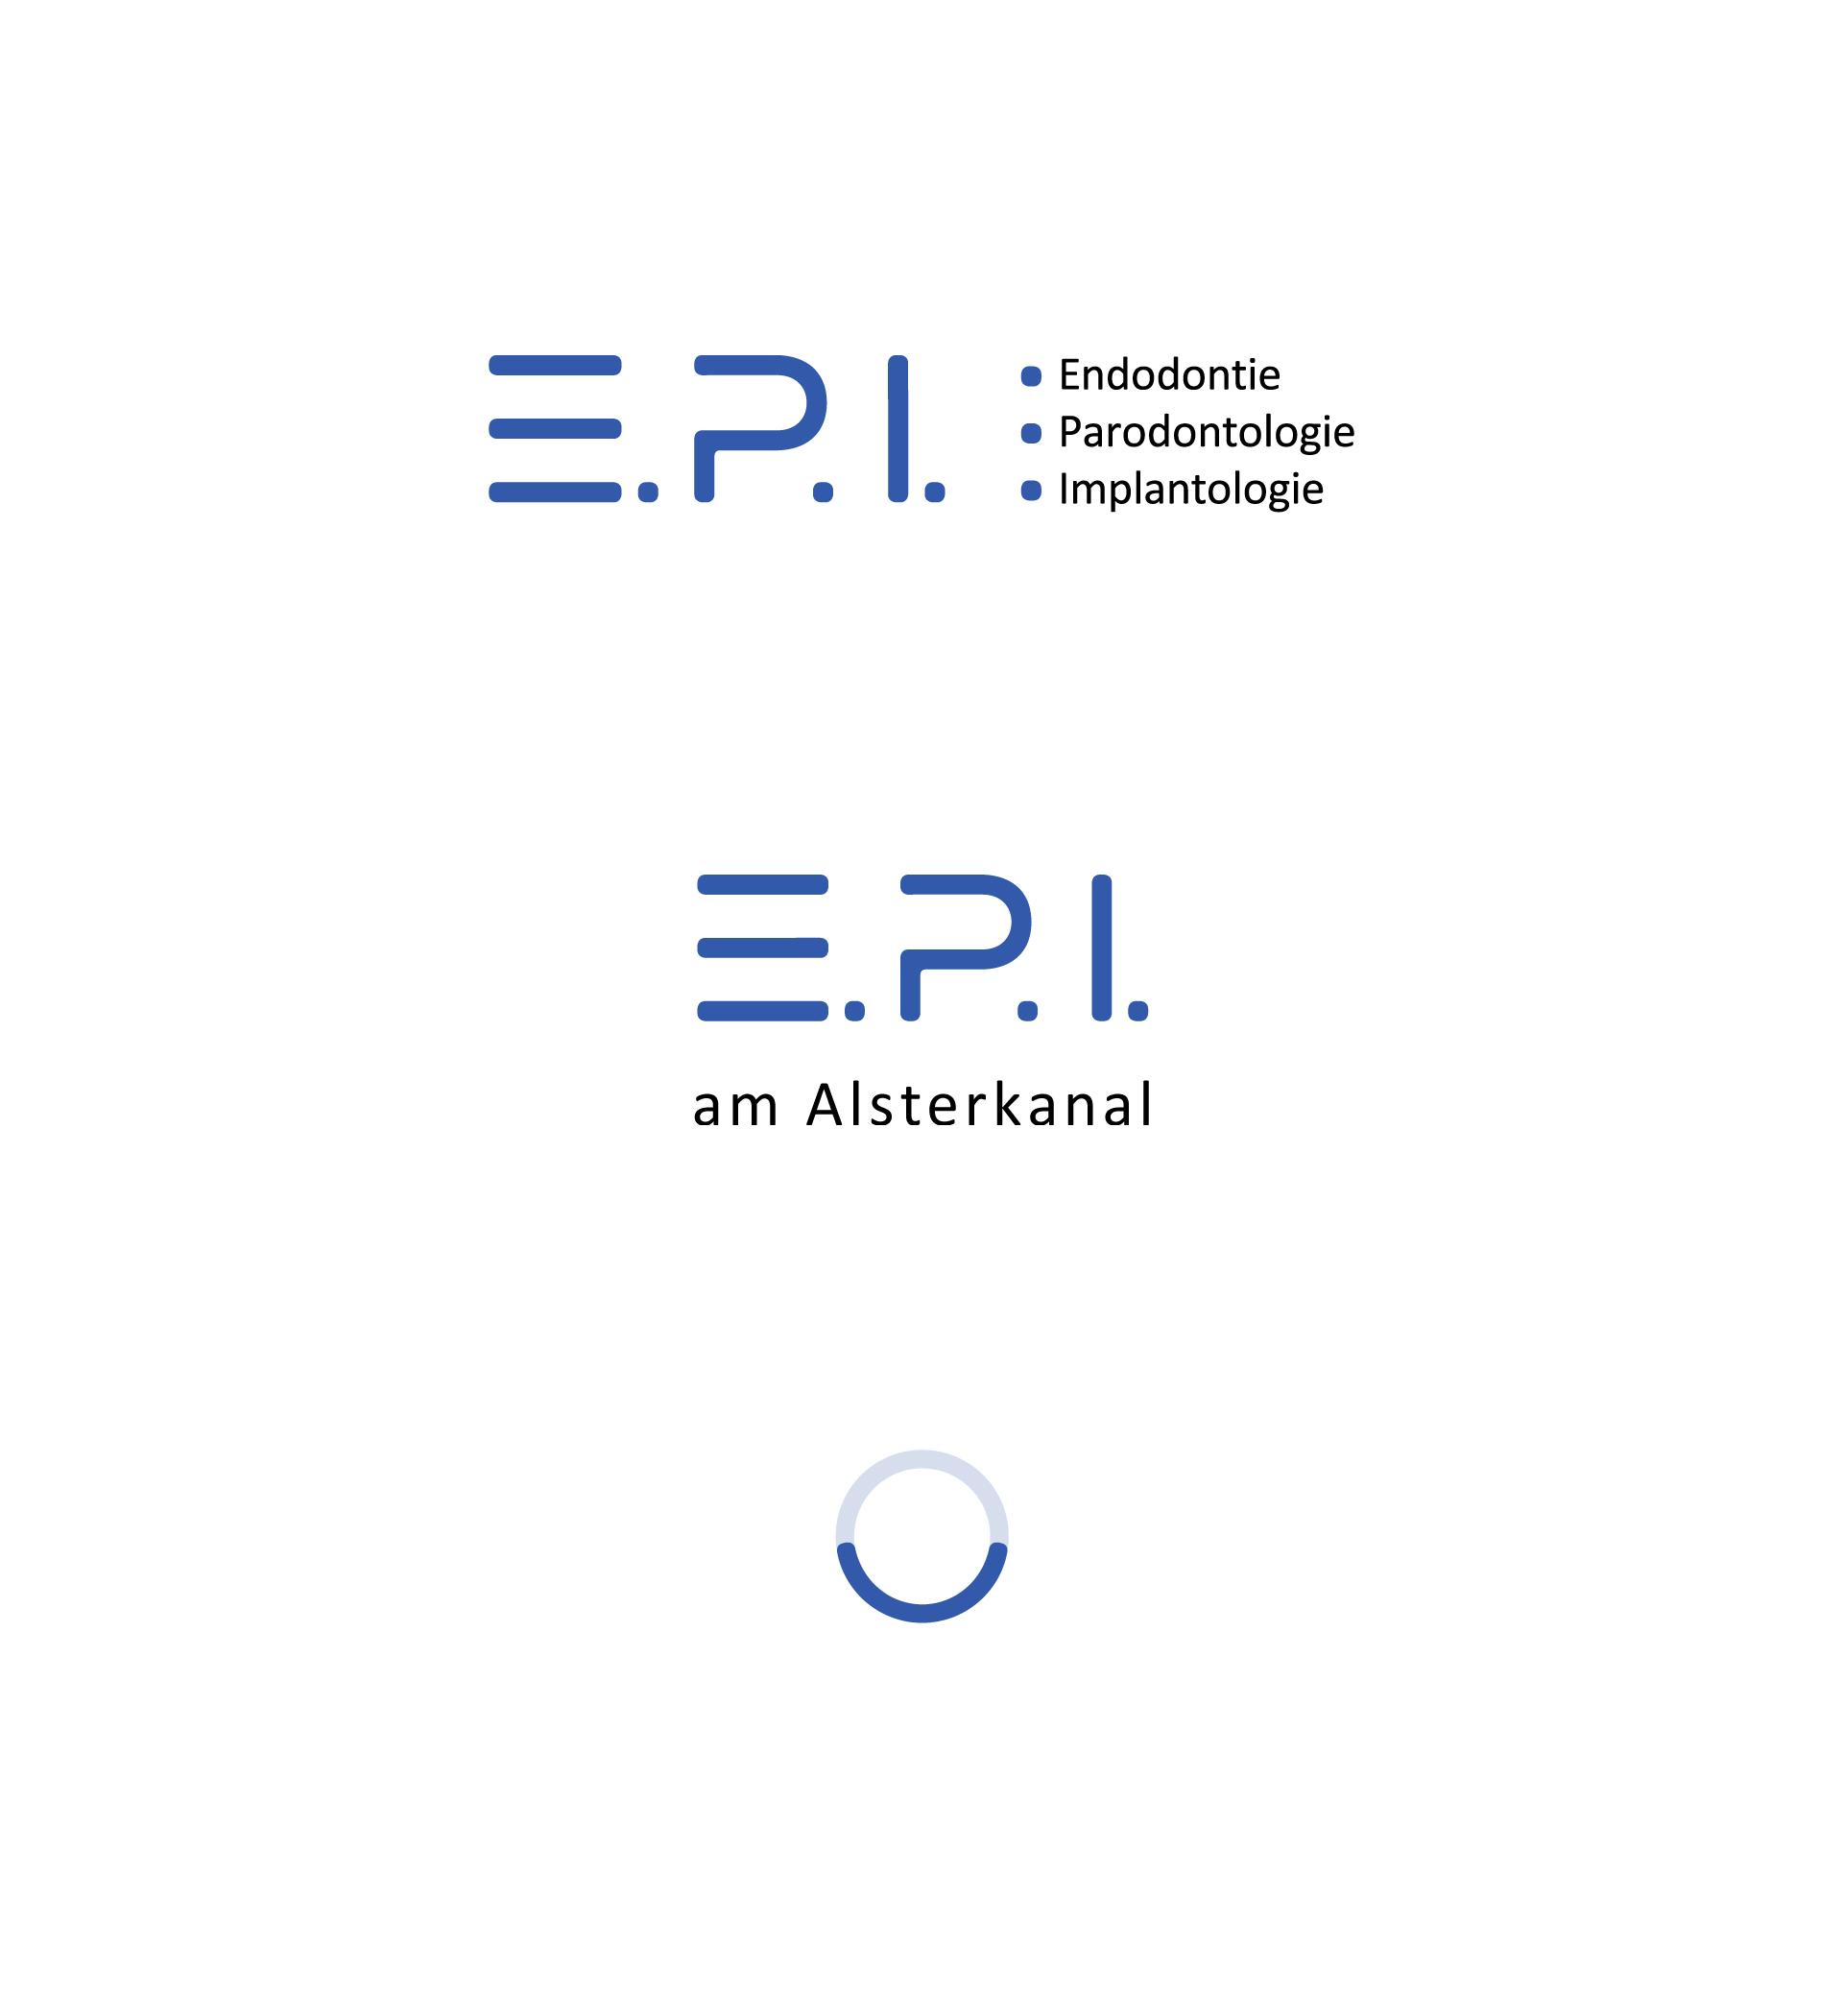 epi_zahnarzt-logo identity